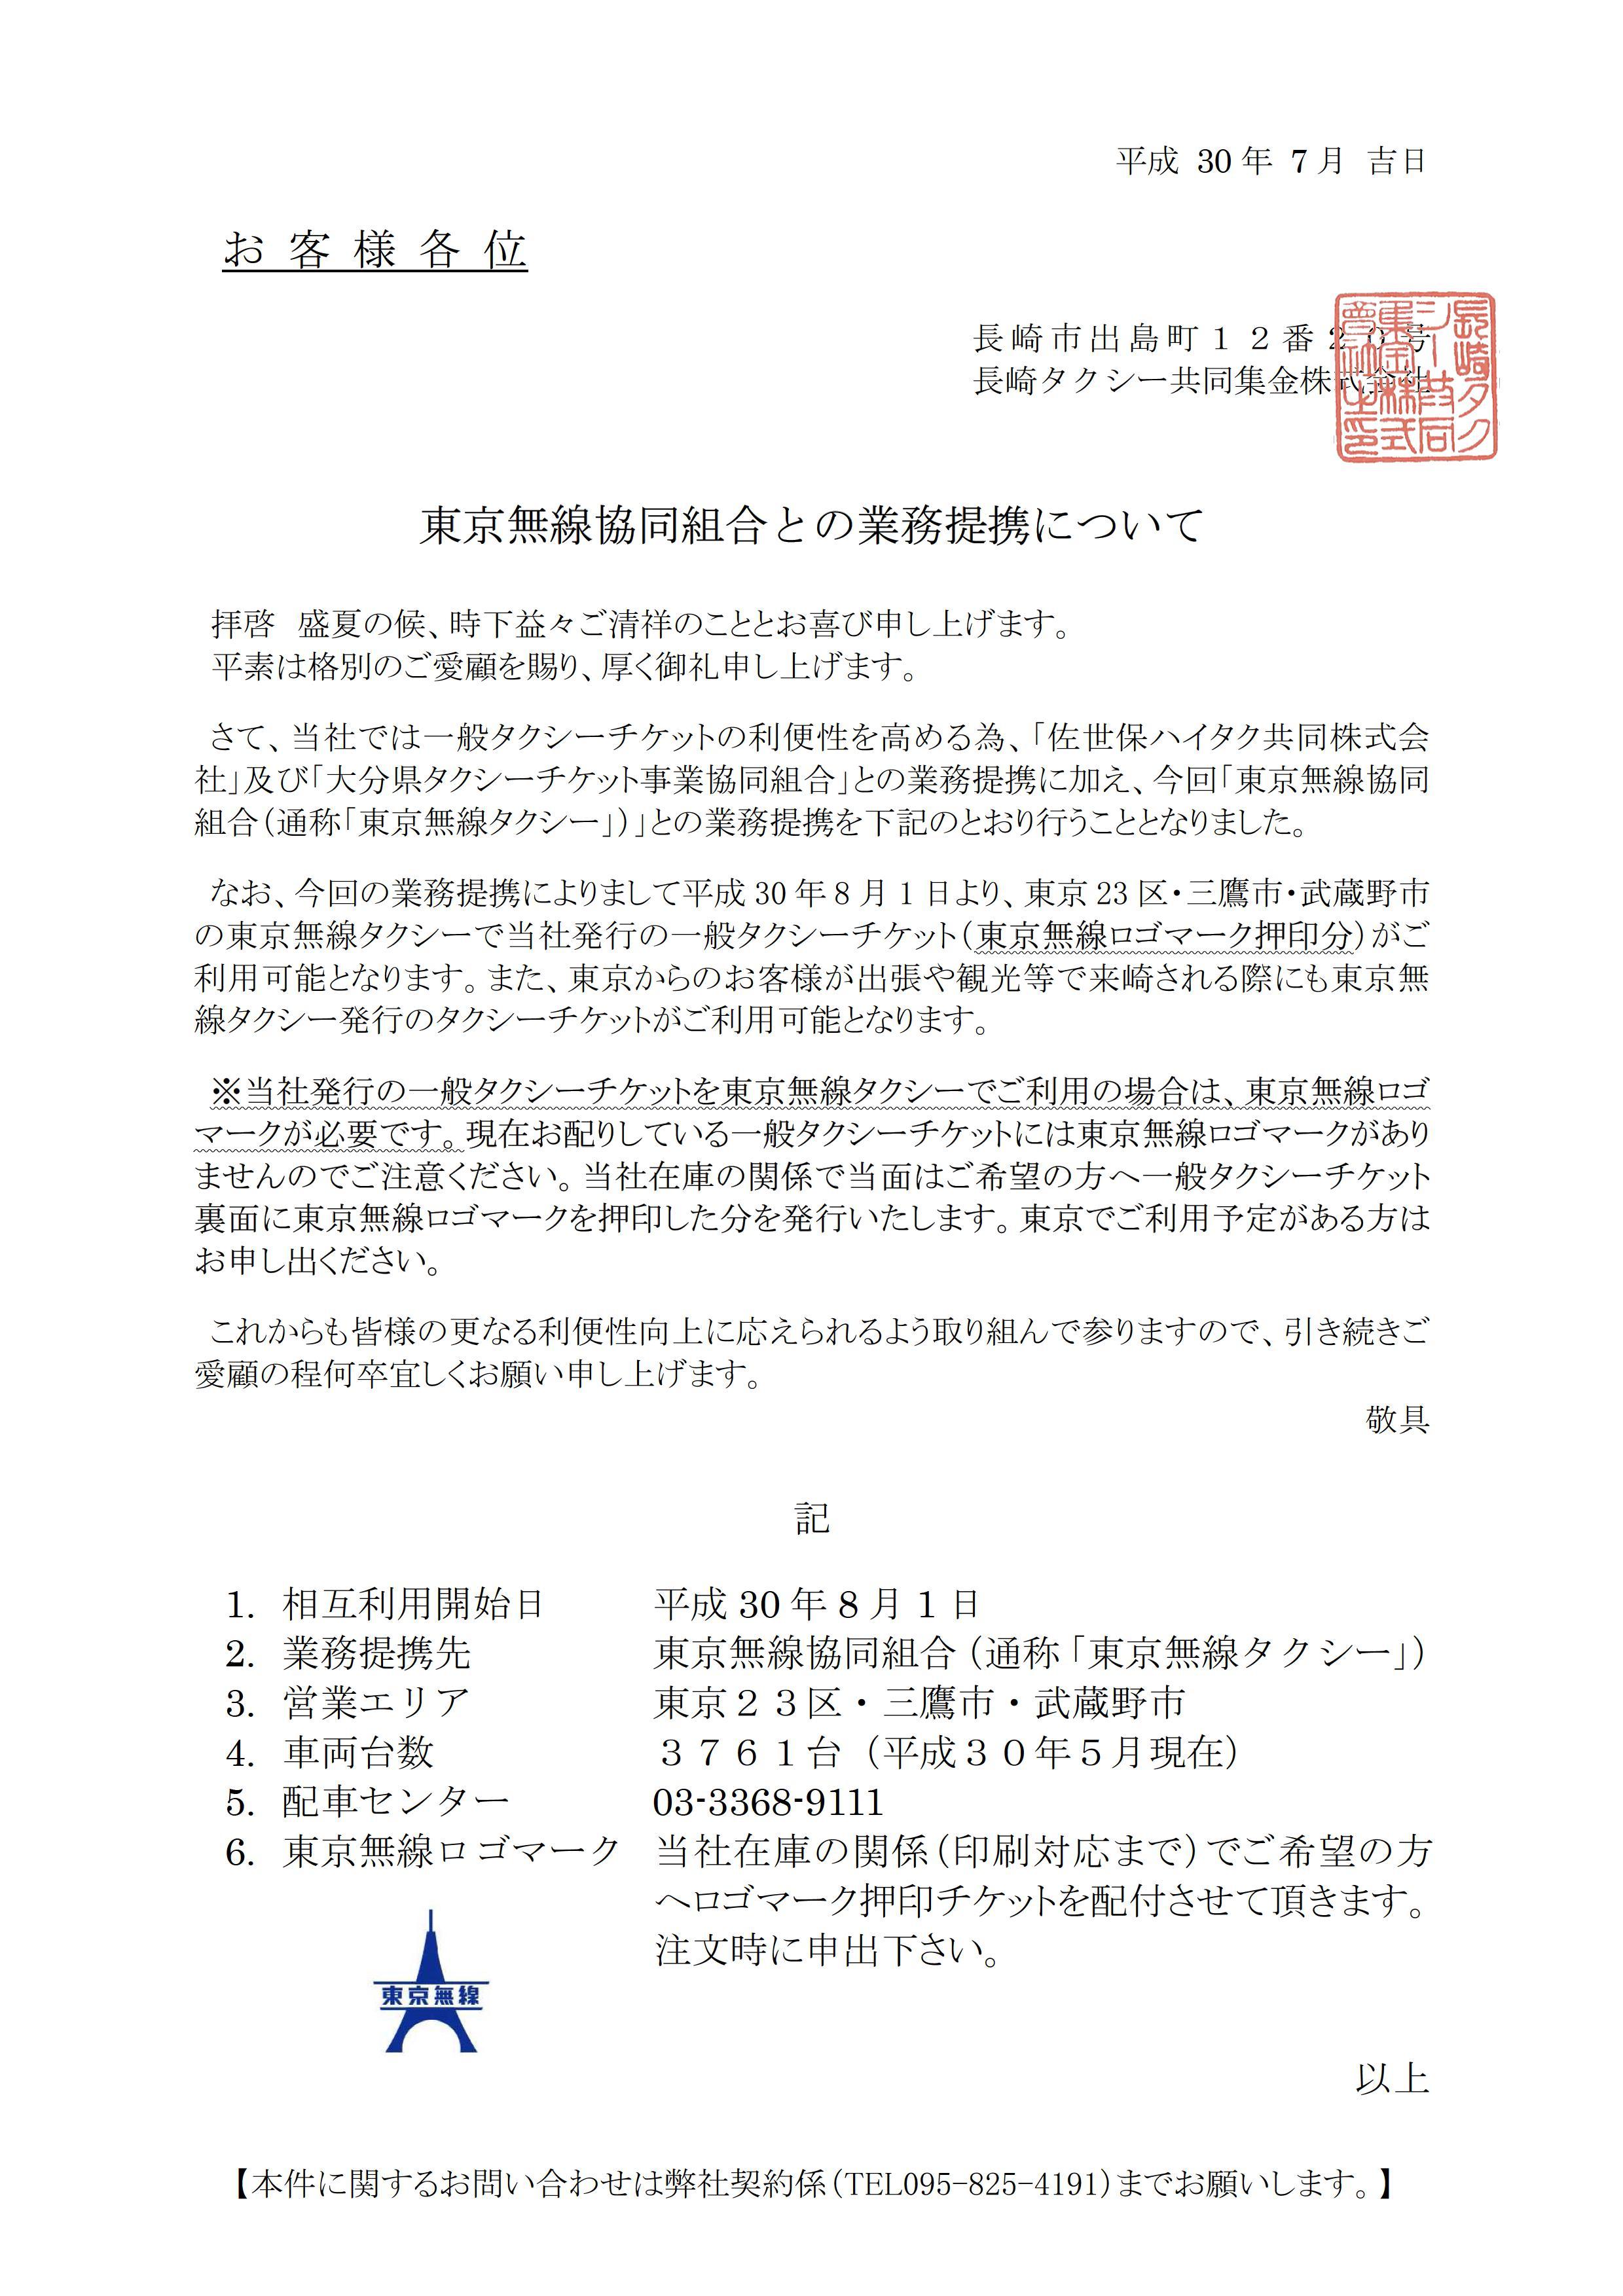 東京無線協同組合との業務提携について